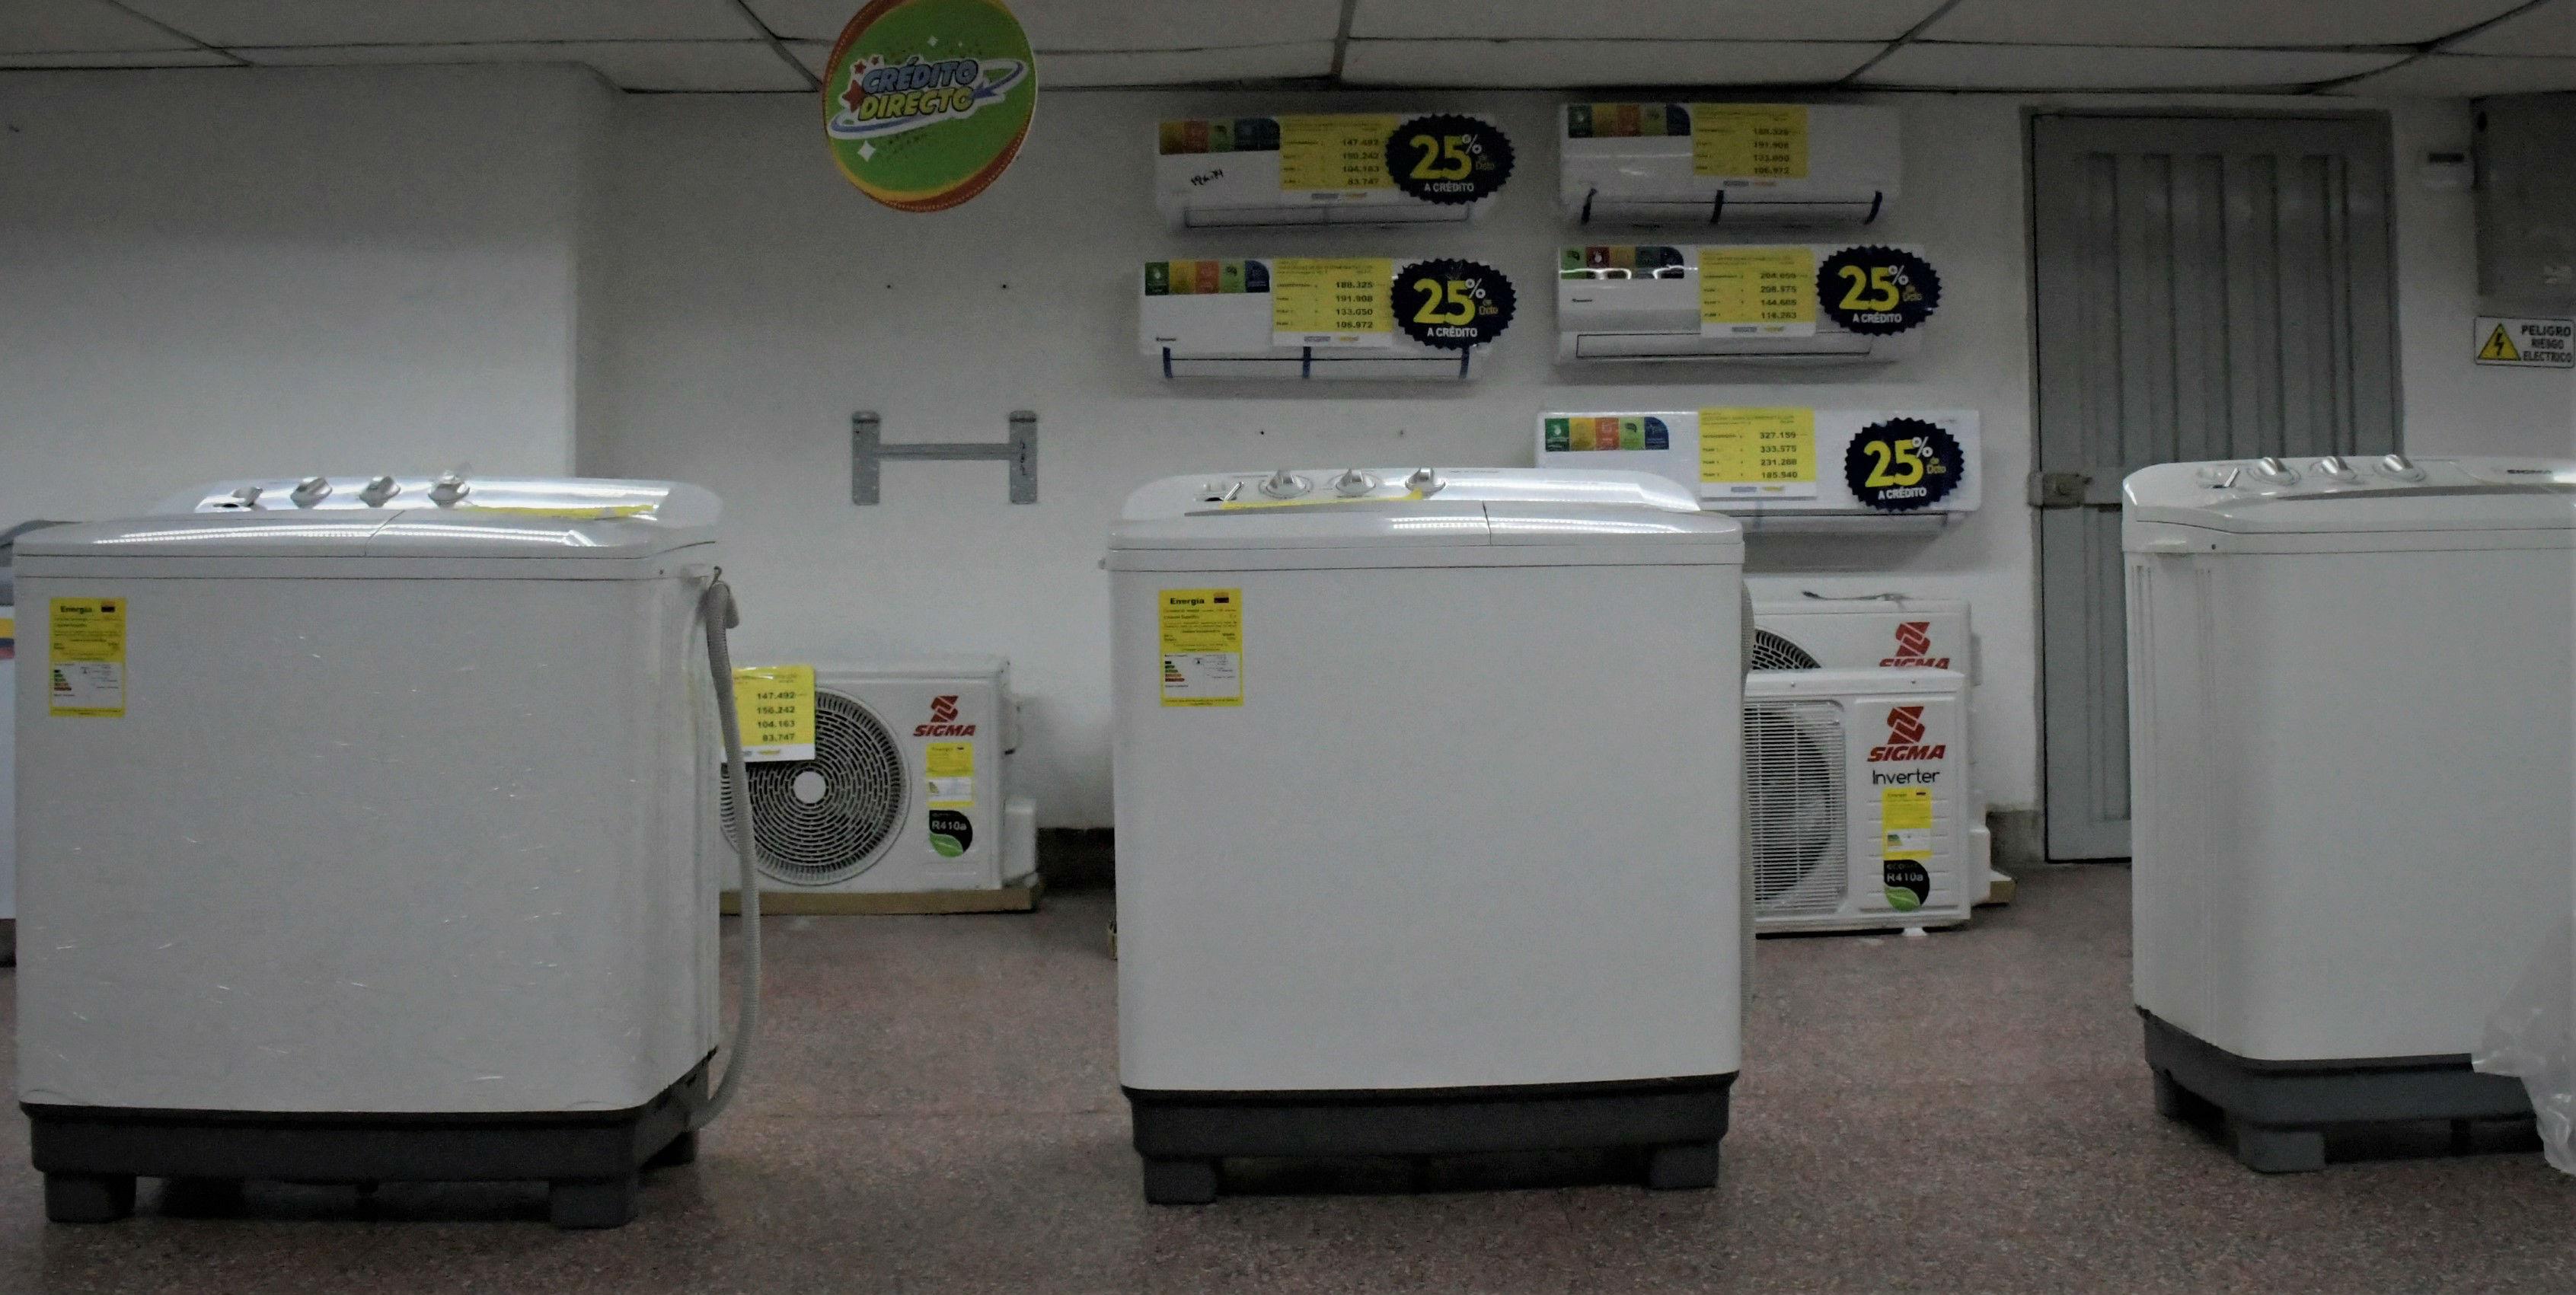 Lavadoras con etiquetas energéticas en un establecimiento comercial.